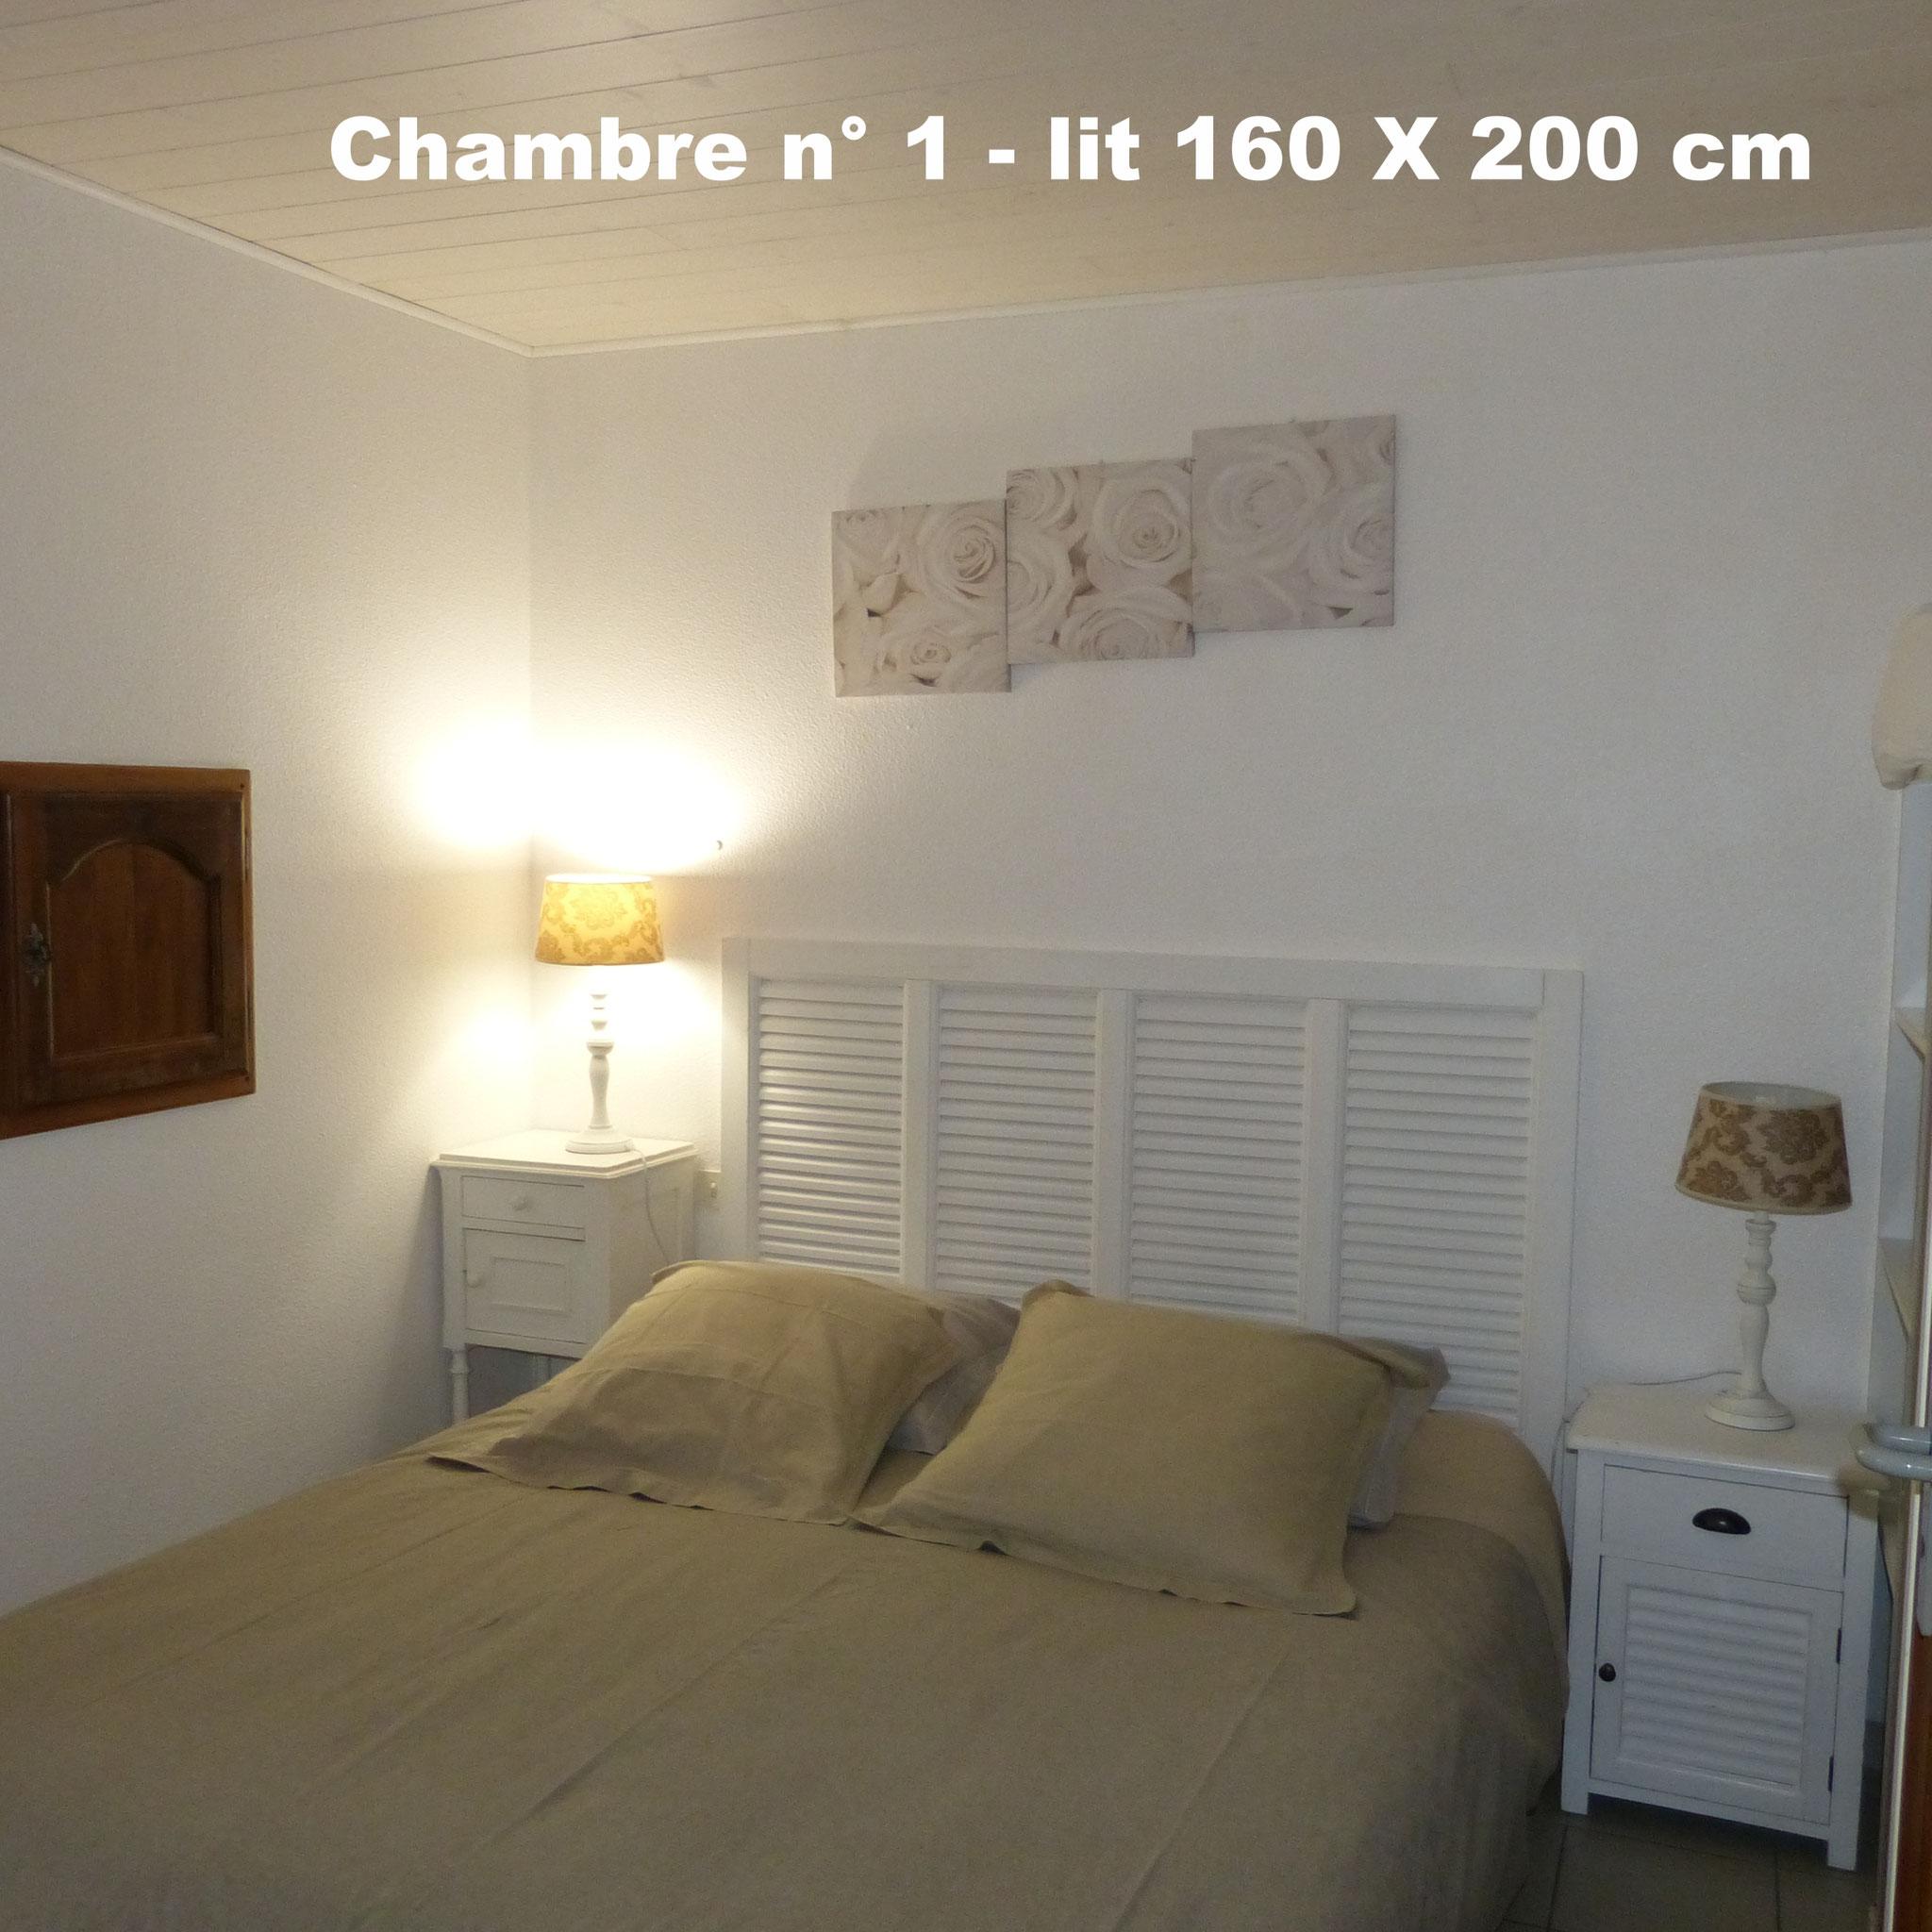 Chambre n° 1 - 1 lit 160  SUD